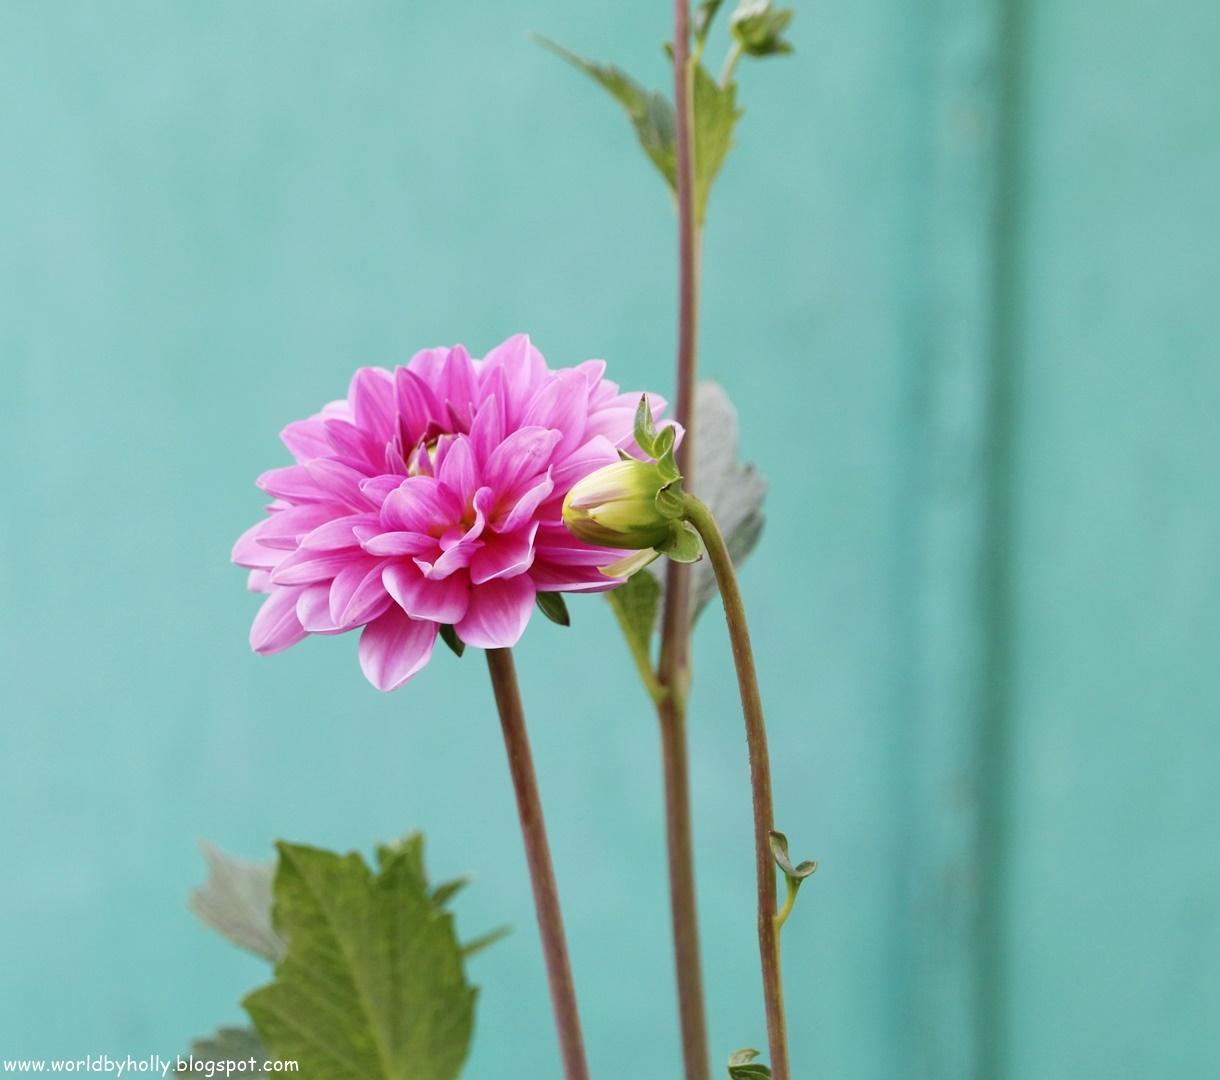 piekne kwiaty do ogrodu, kwiaty cebulowe, ogród vintage, ogród shabby chic, dalia, georginia